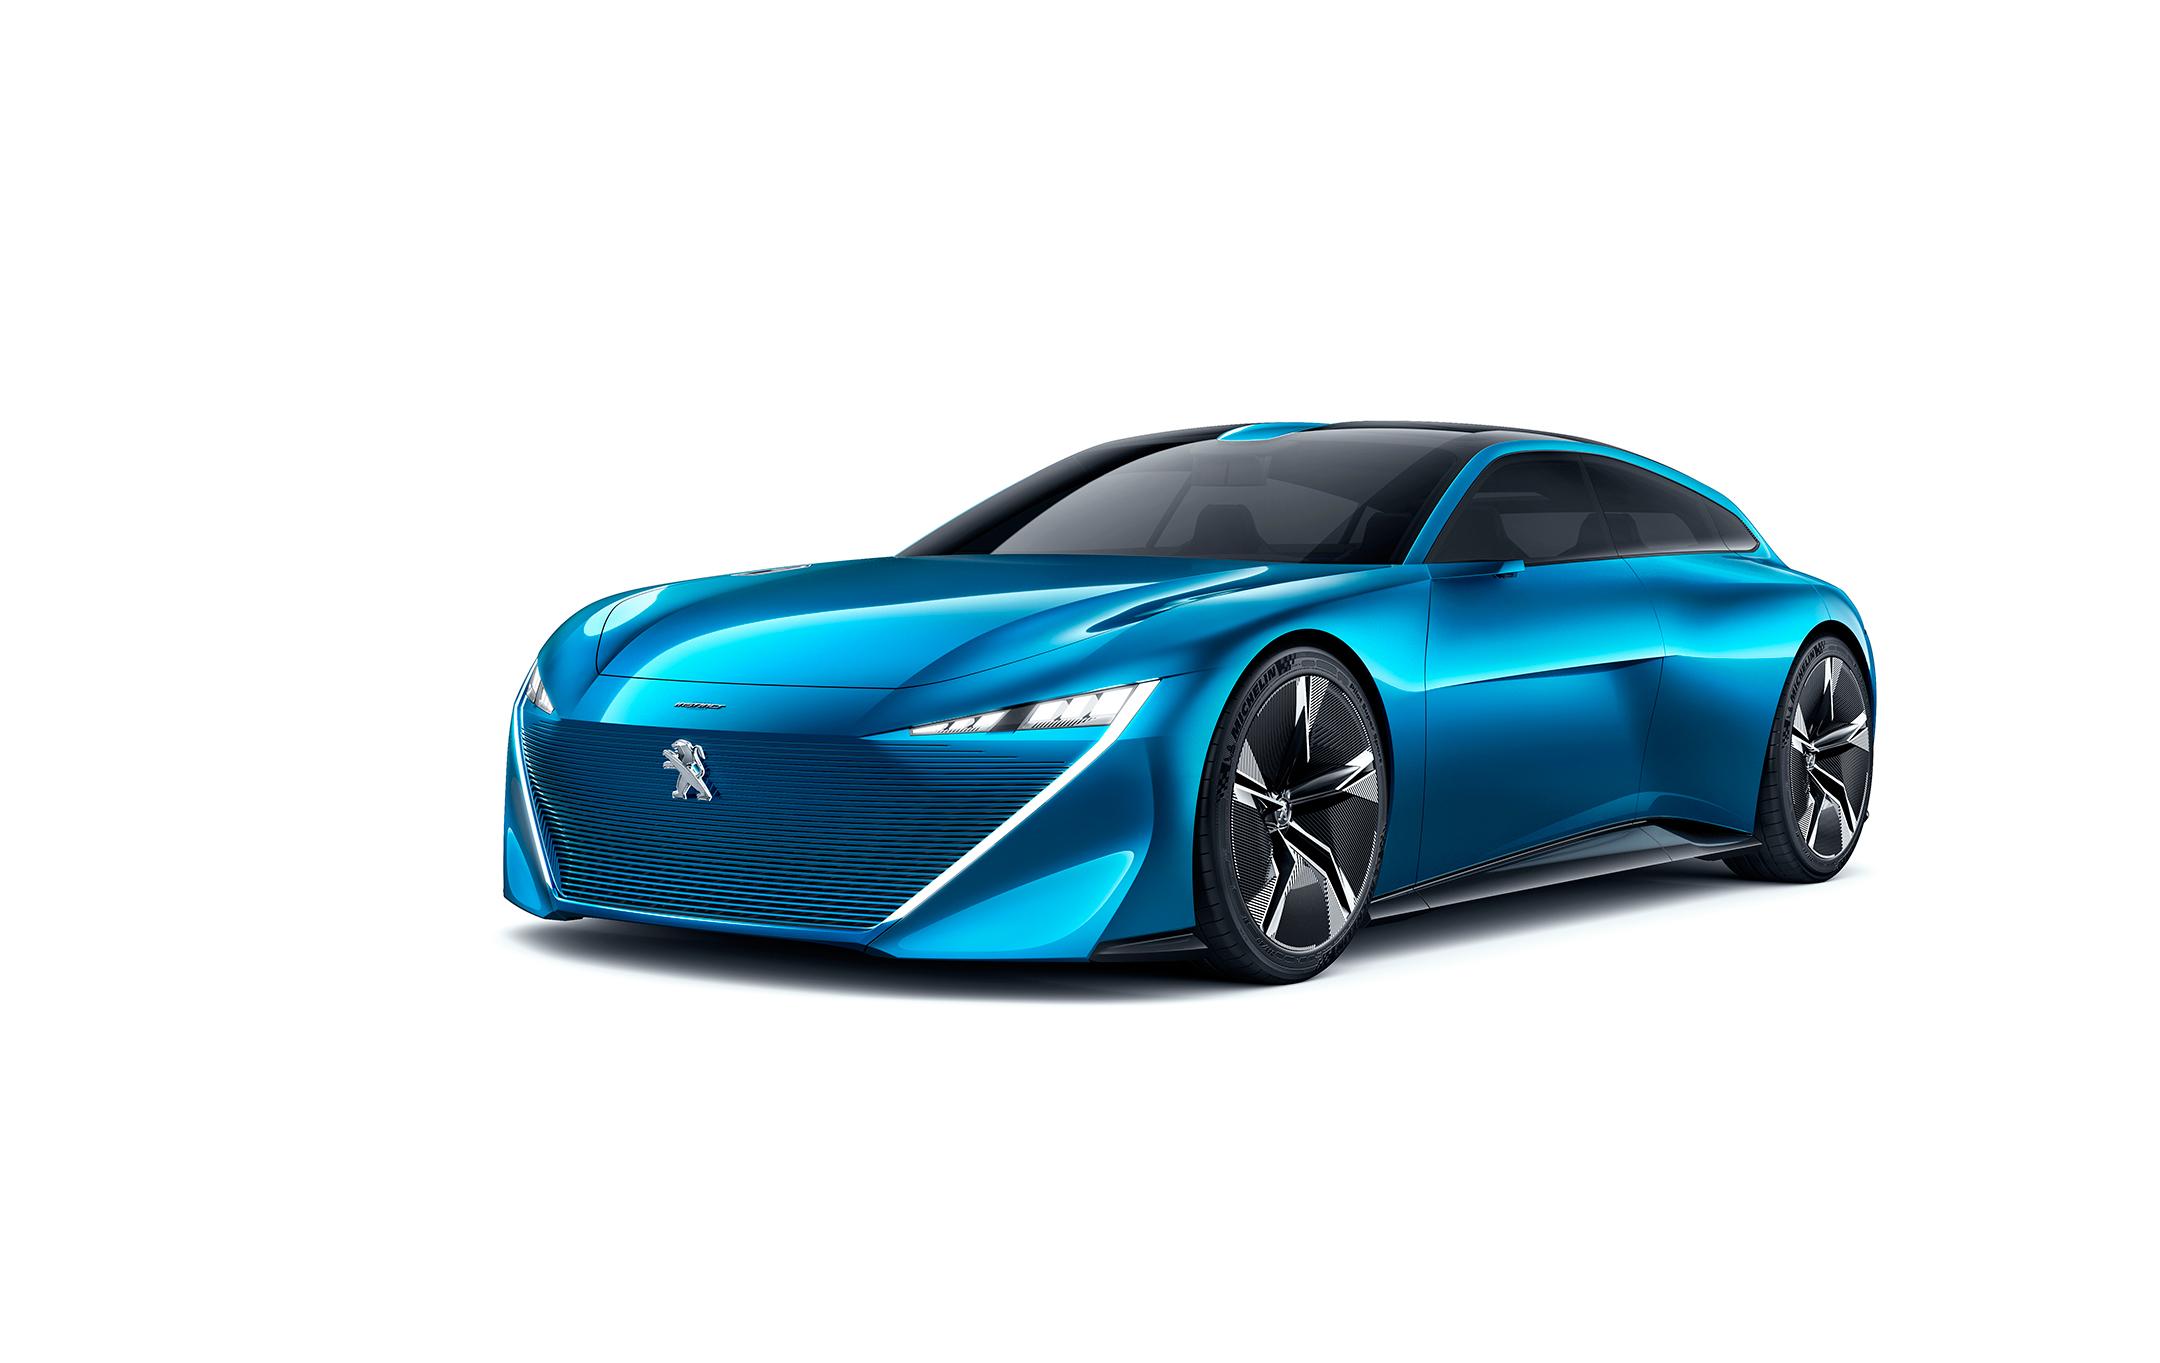 Peugeot Instinct Concept - 2017 - profil avant / front side-face